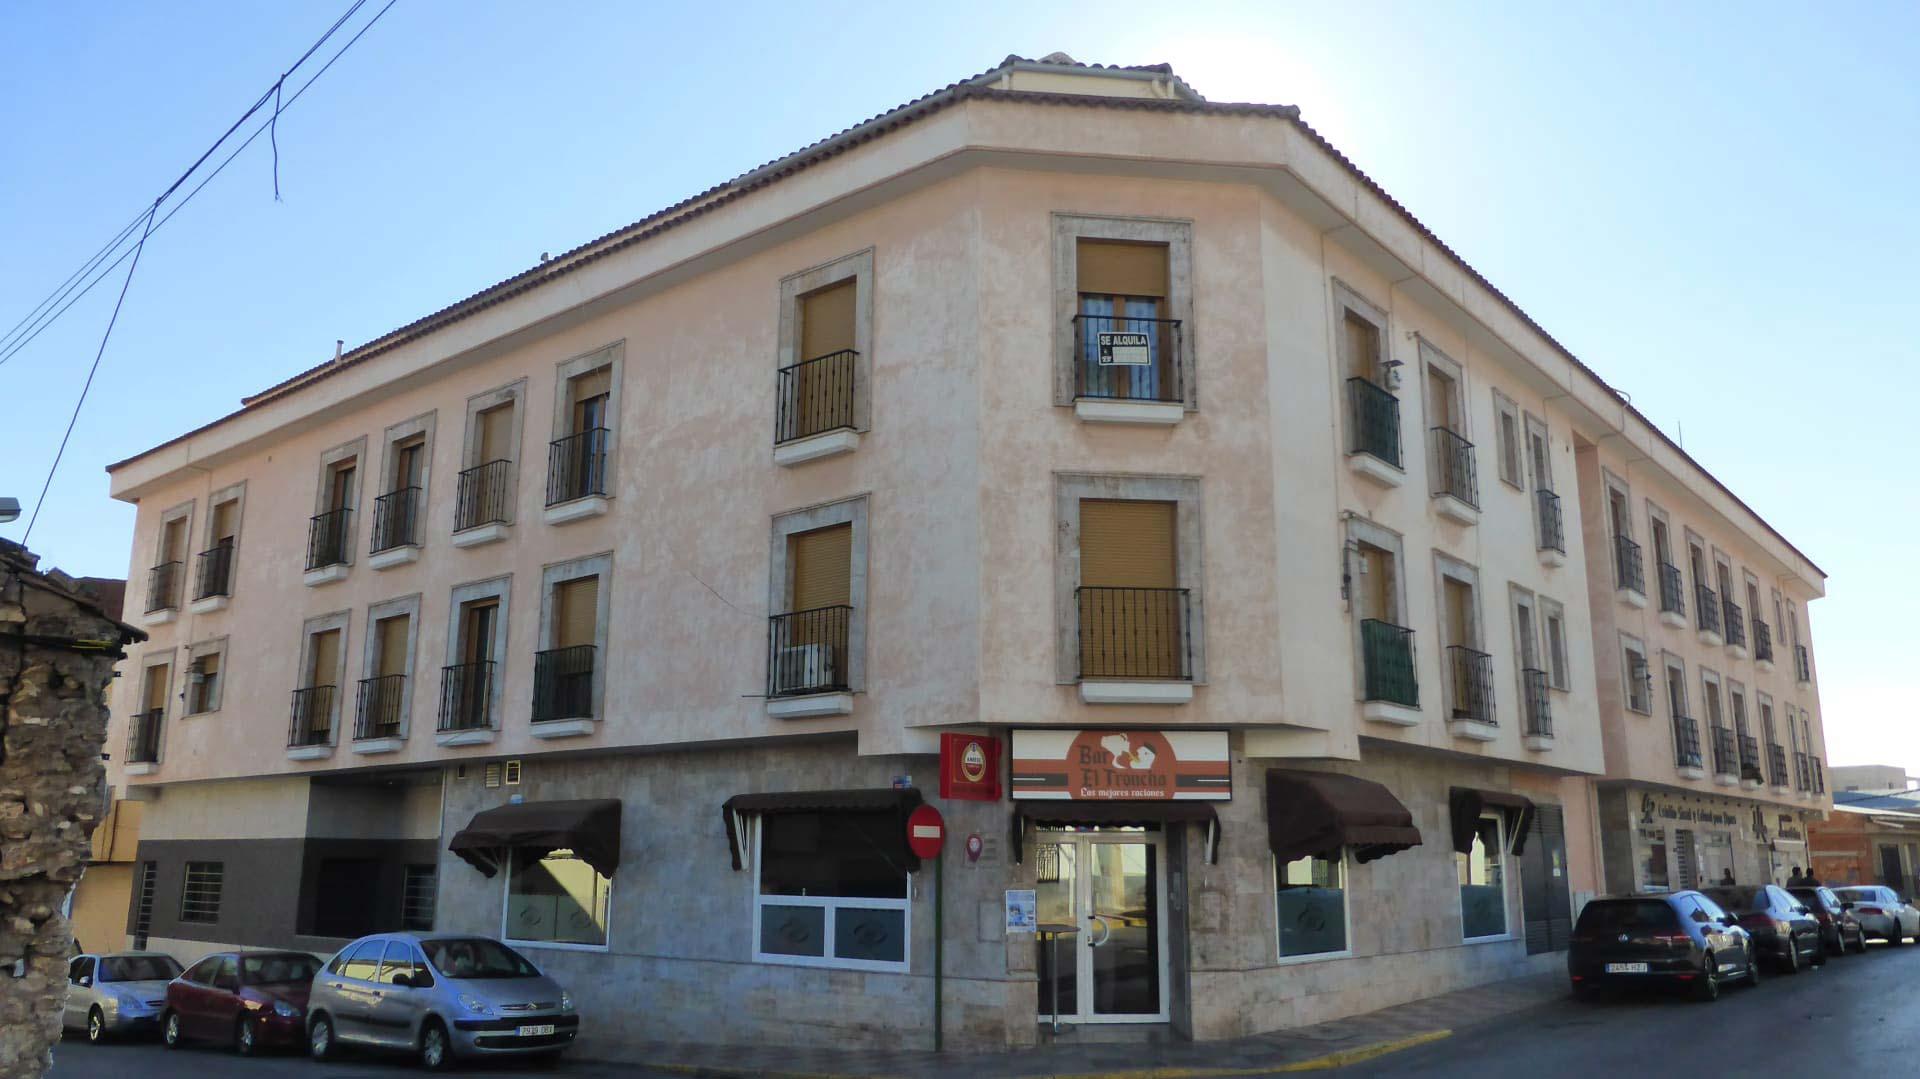 Piso en venta en Villarrubia de los Ojos, Ciudad Real, Calle Churruca, 53.300 €, 3 habitaciones, 1 baño, 113 m2